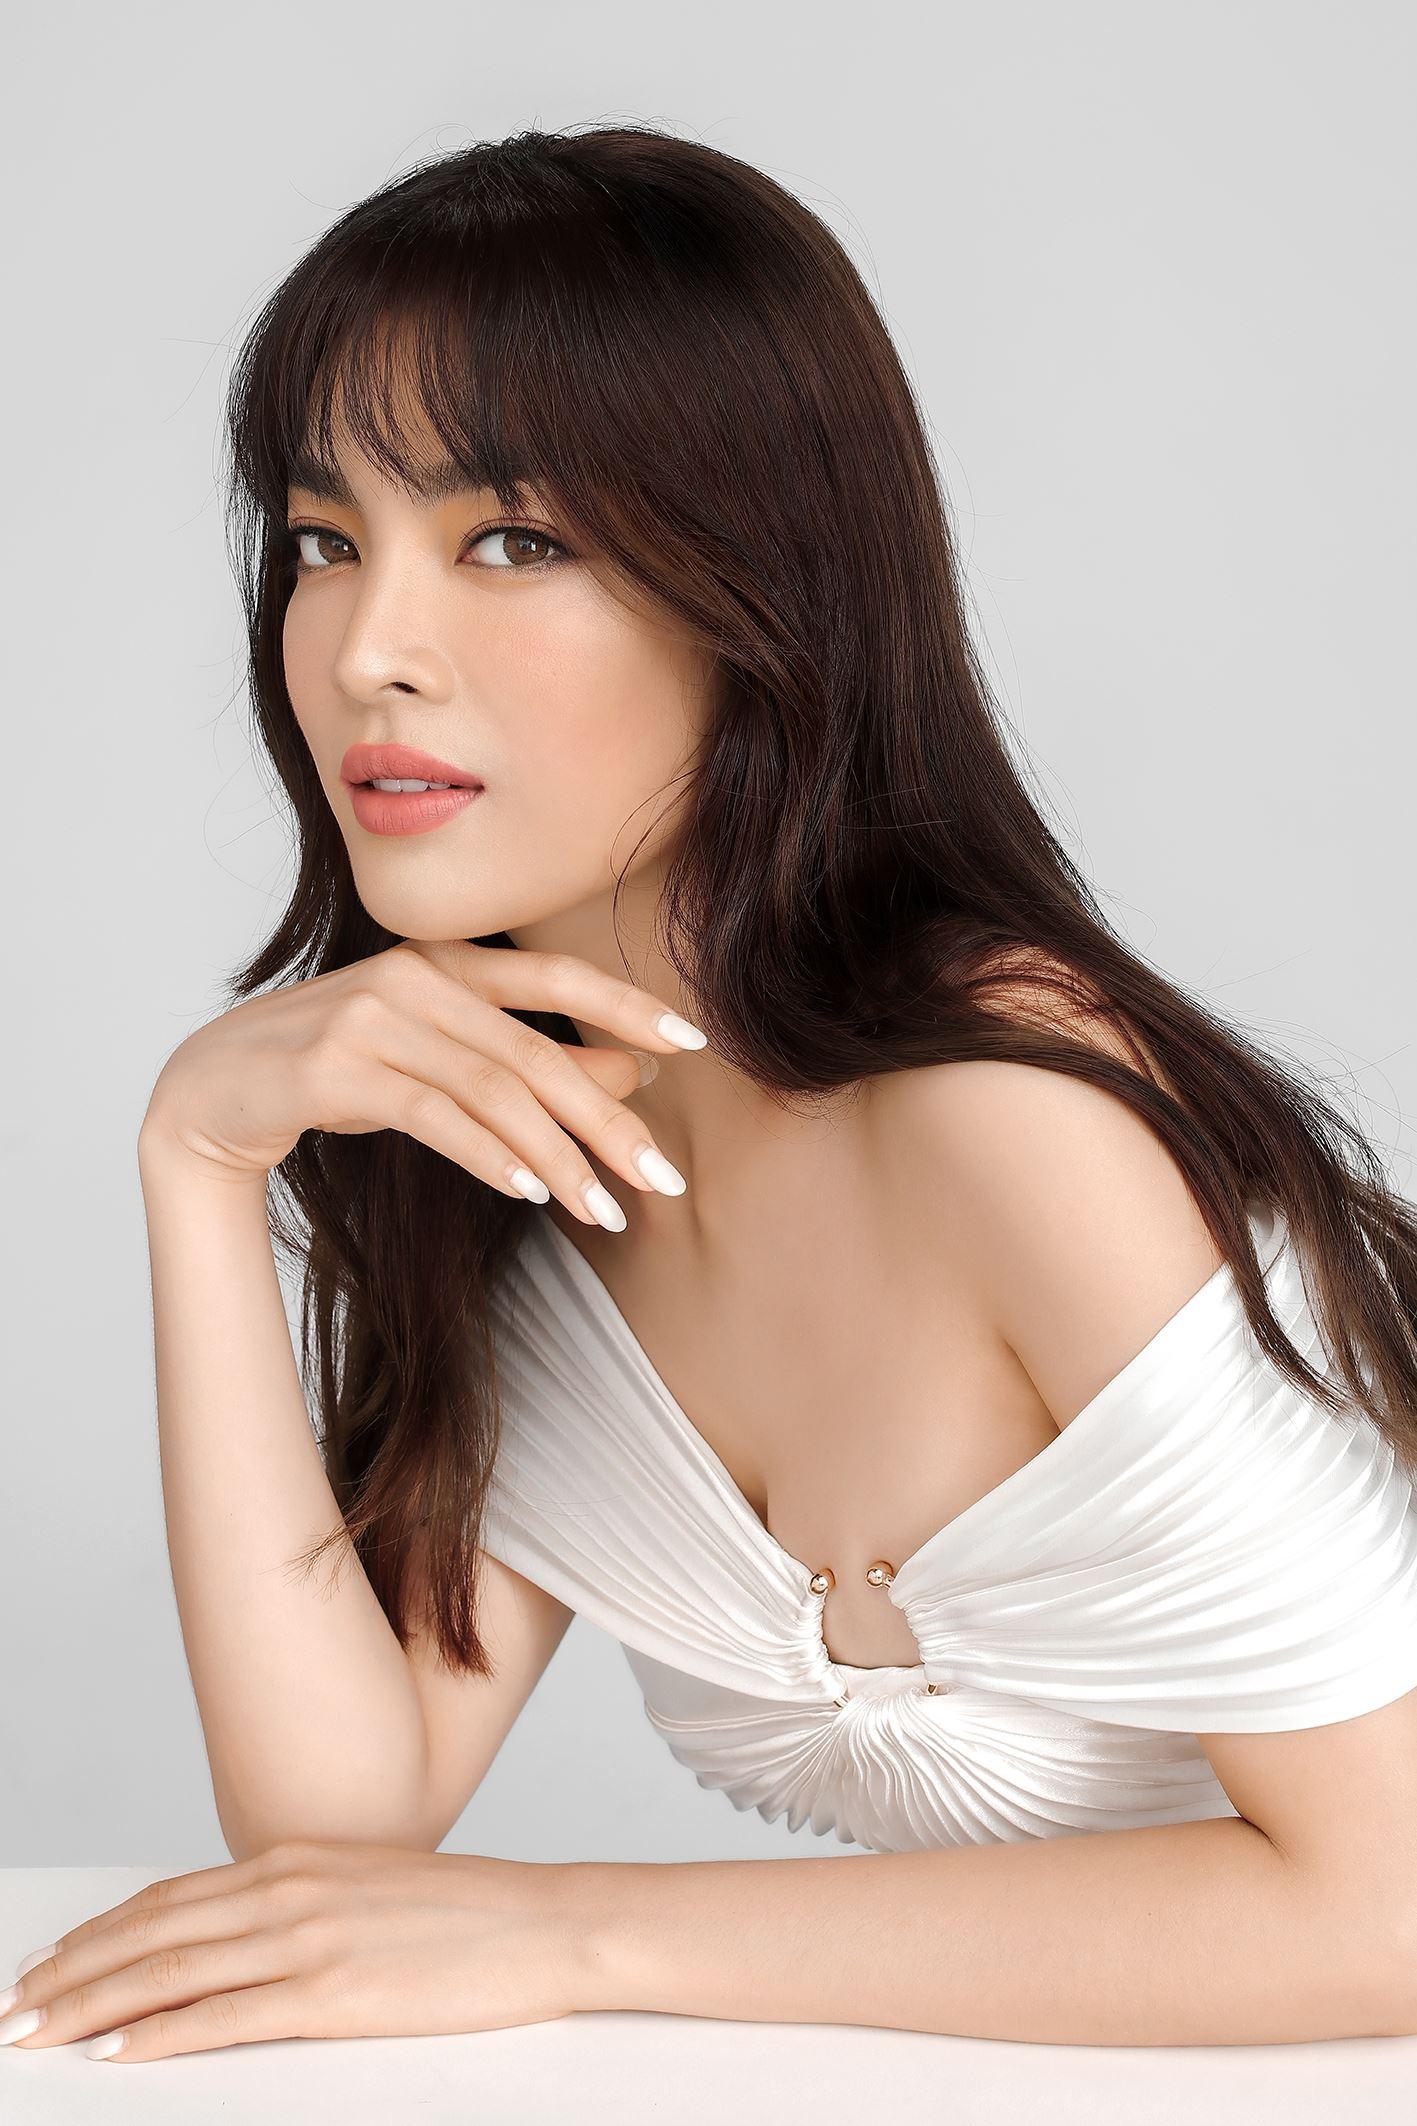 Cách trang điểm của Trân Đài khá giống Song Hye Kyo